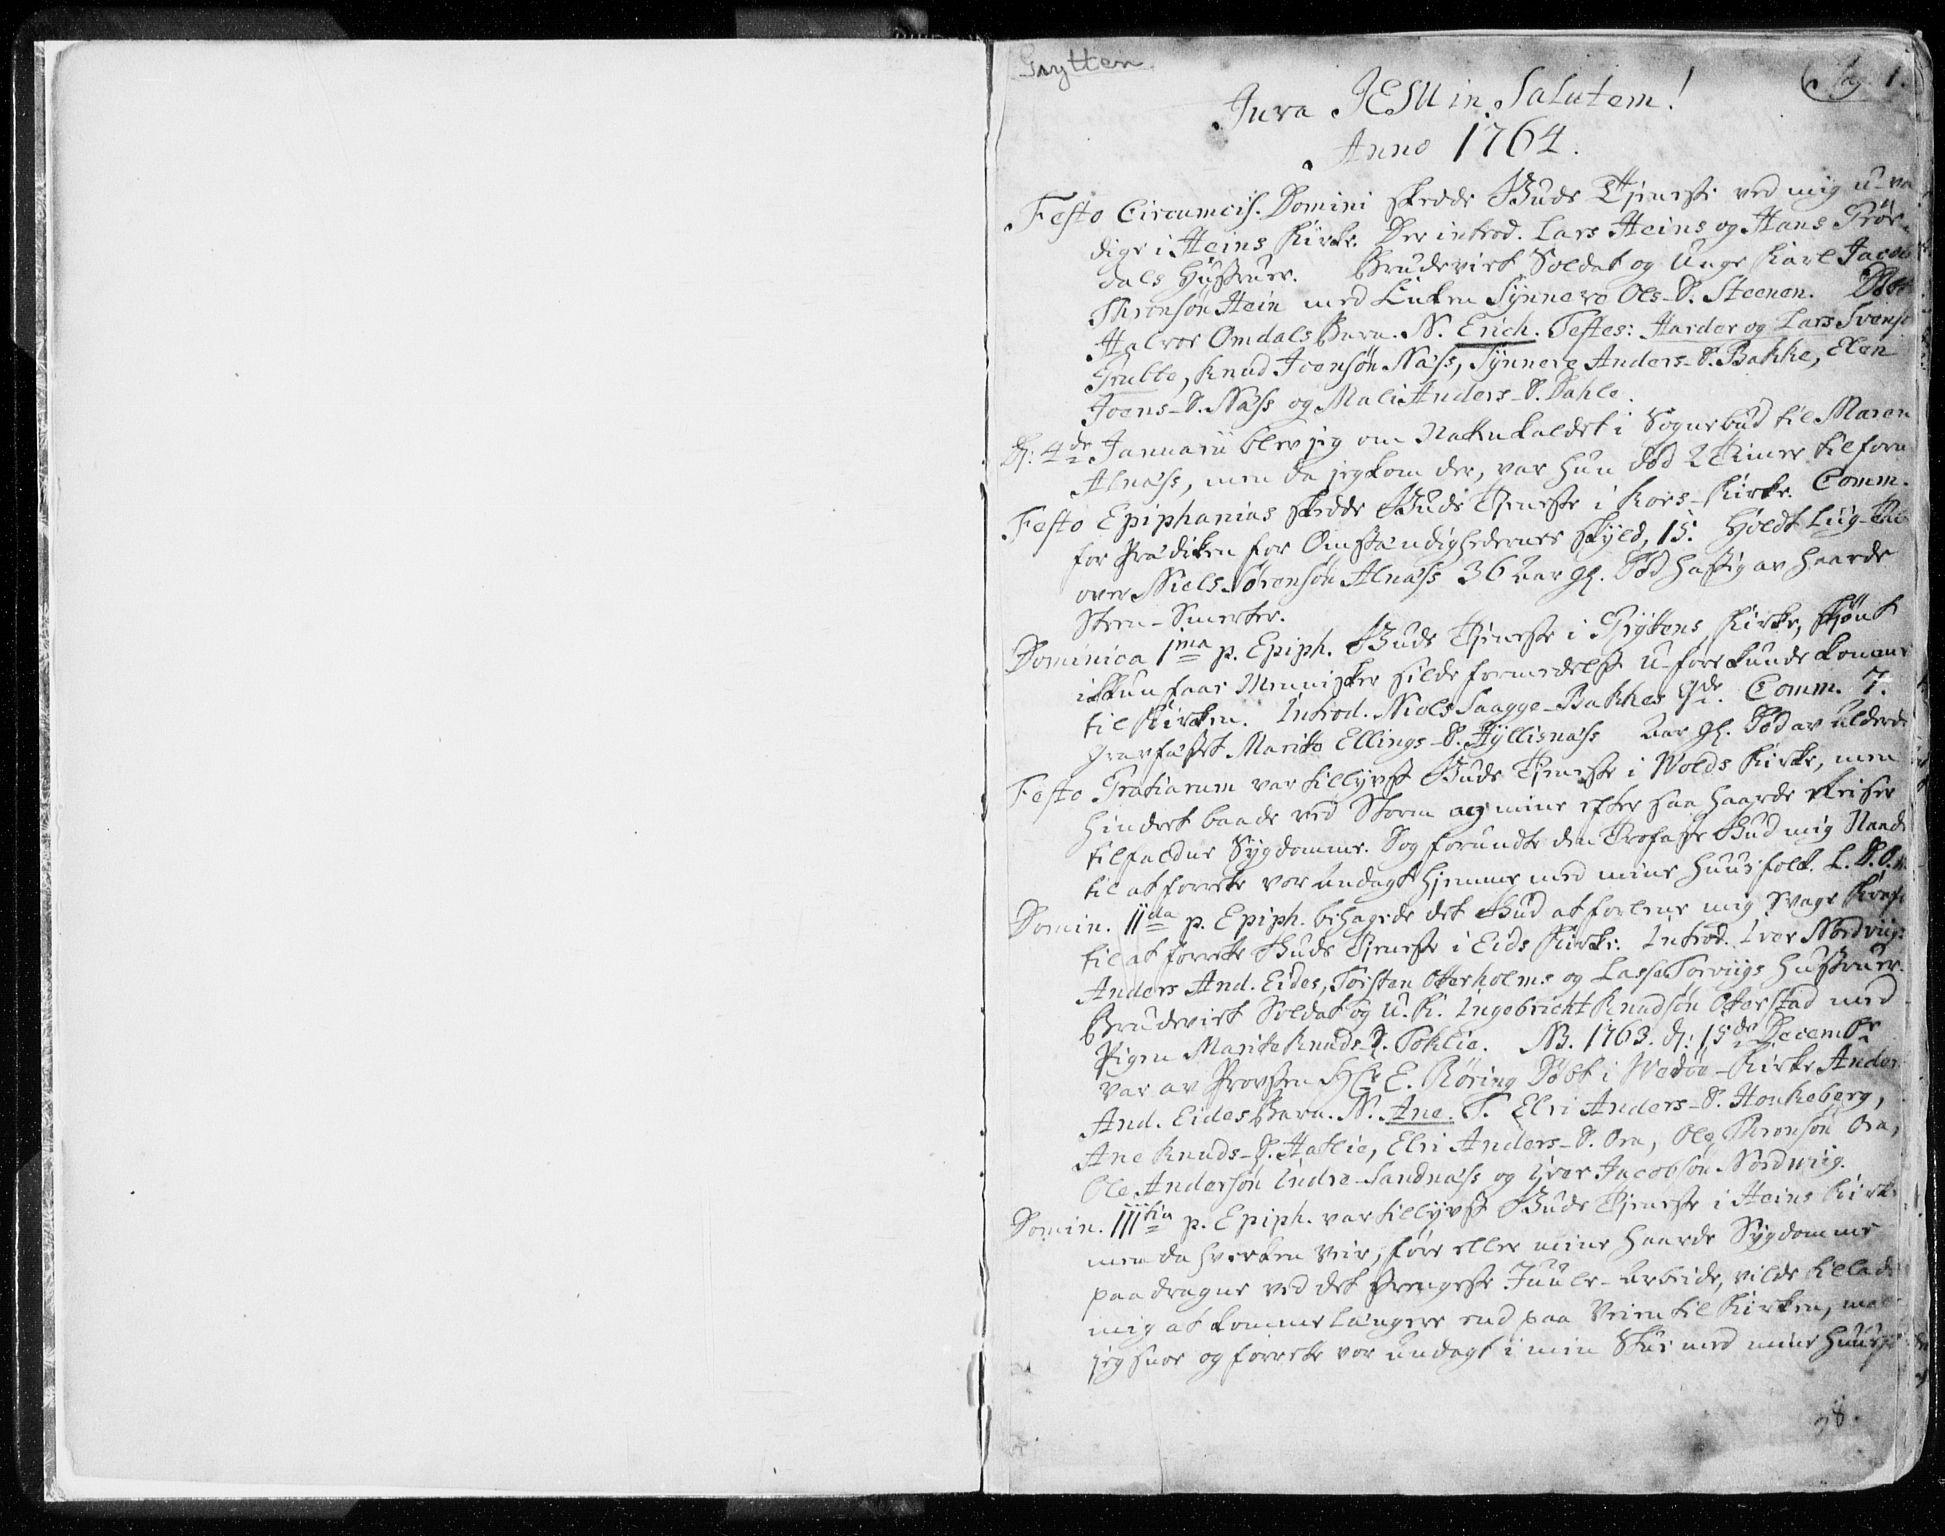 SAT, Ministerialprotokoller, klokkerbøker og fødselsregistre - Møre og Romsdal, 544/L0569: Ministerialbok nr. 544A02, 1764-1806, s. 0-1